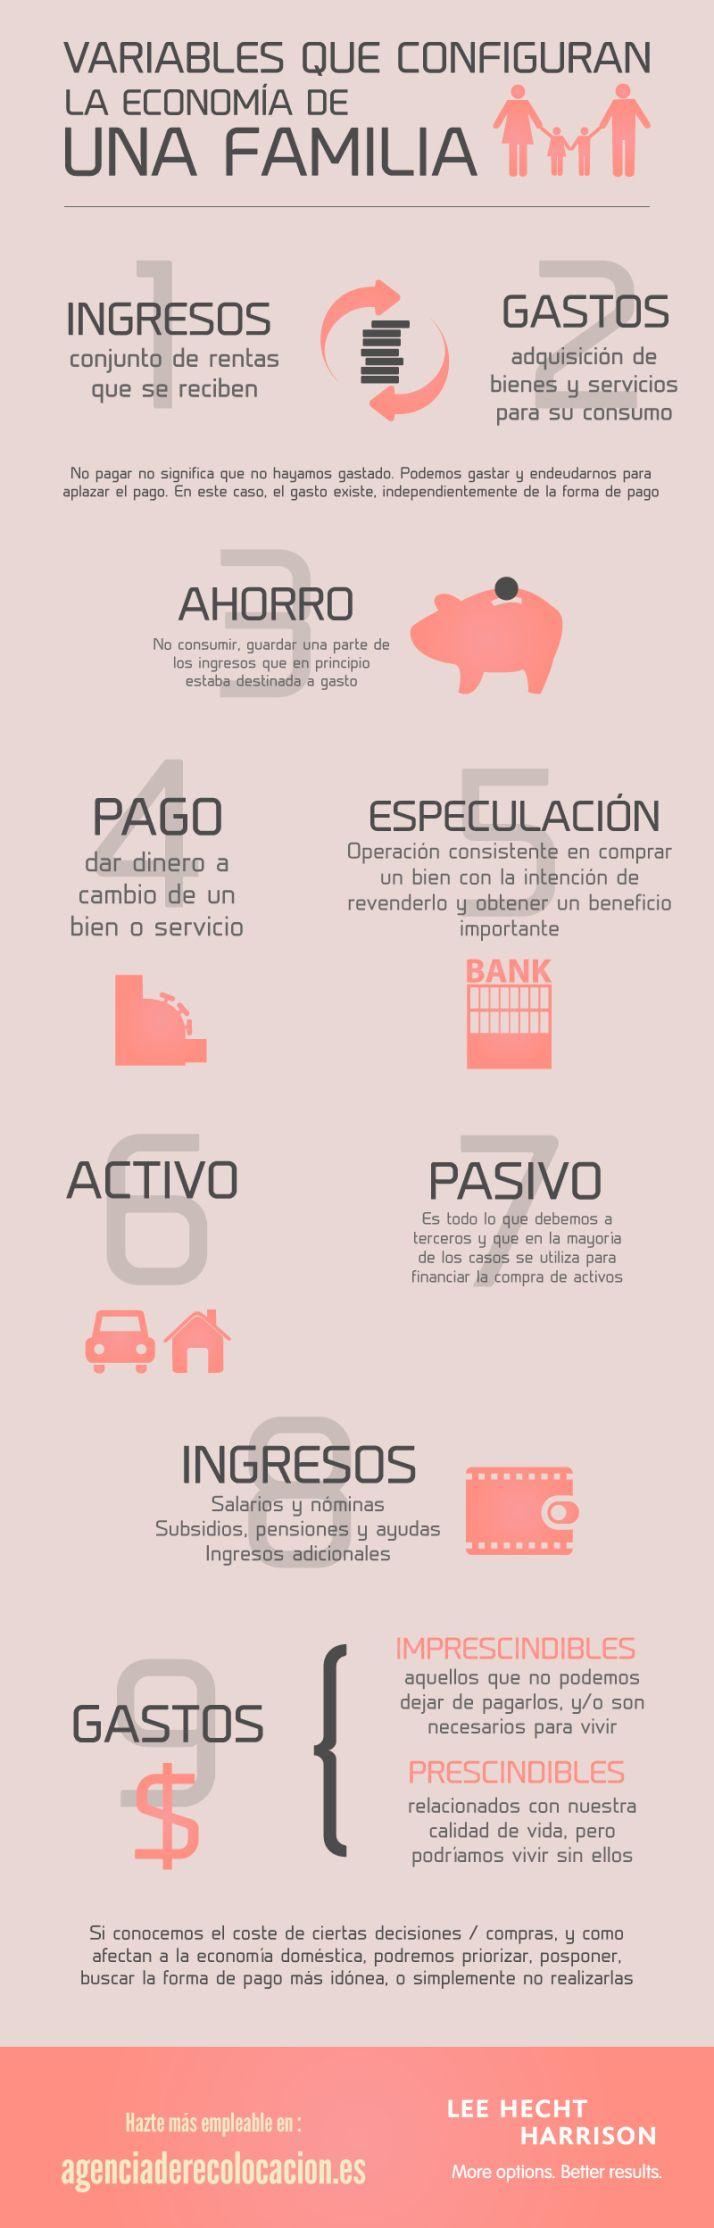 Variables que configuran la economía de una familia. Tips de #libertadfinanciera